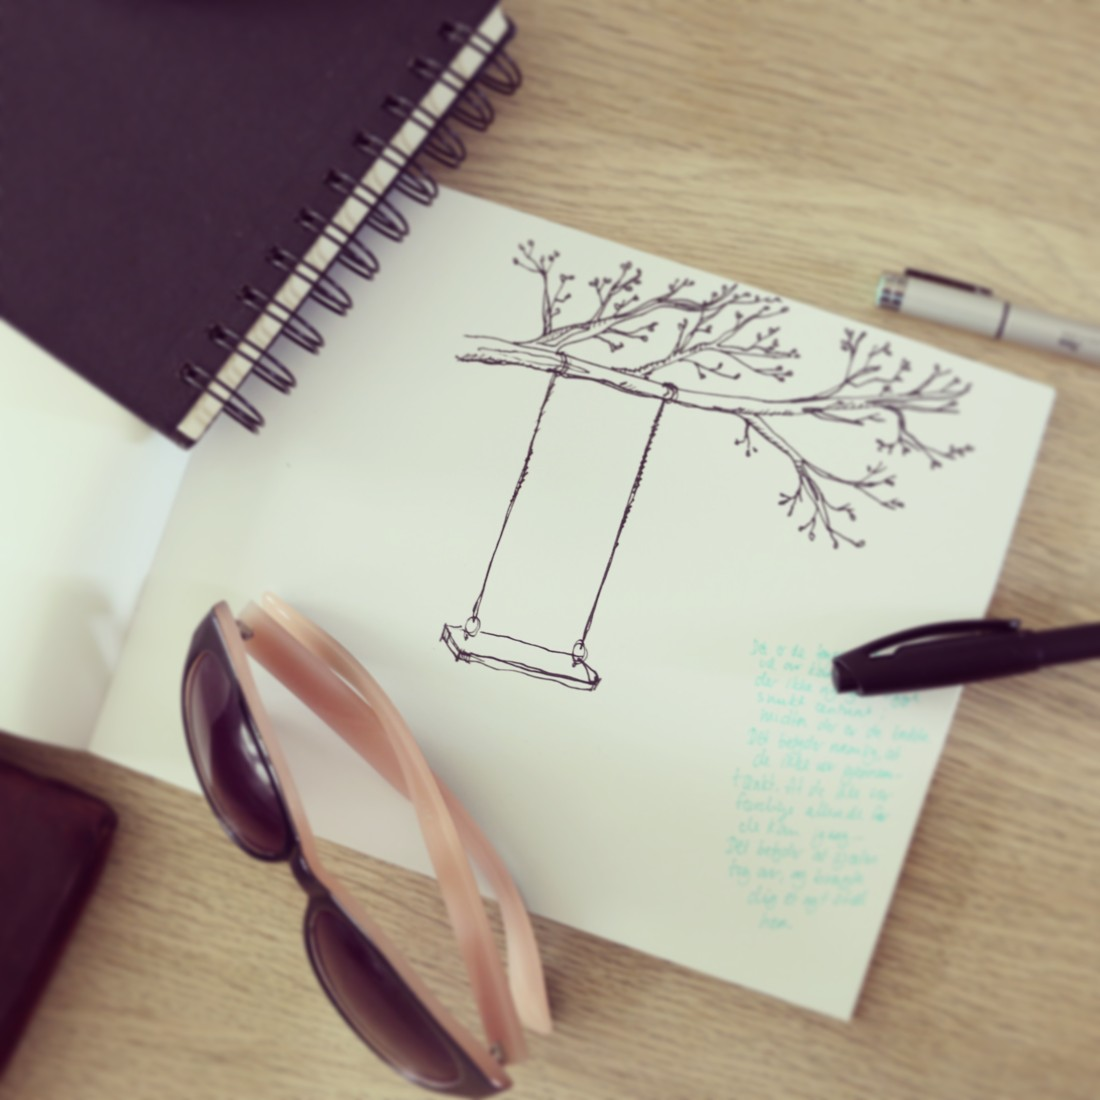 tegning_drawing_sketchbook